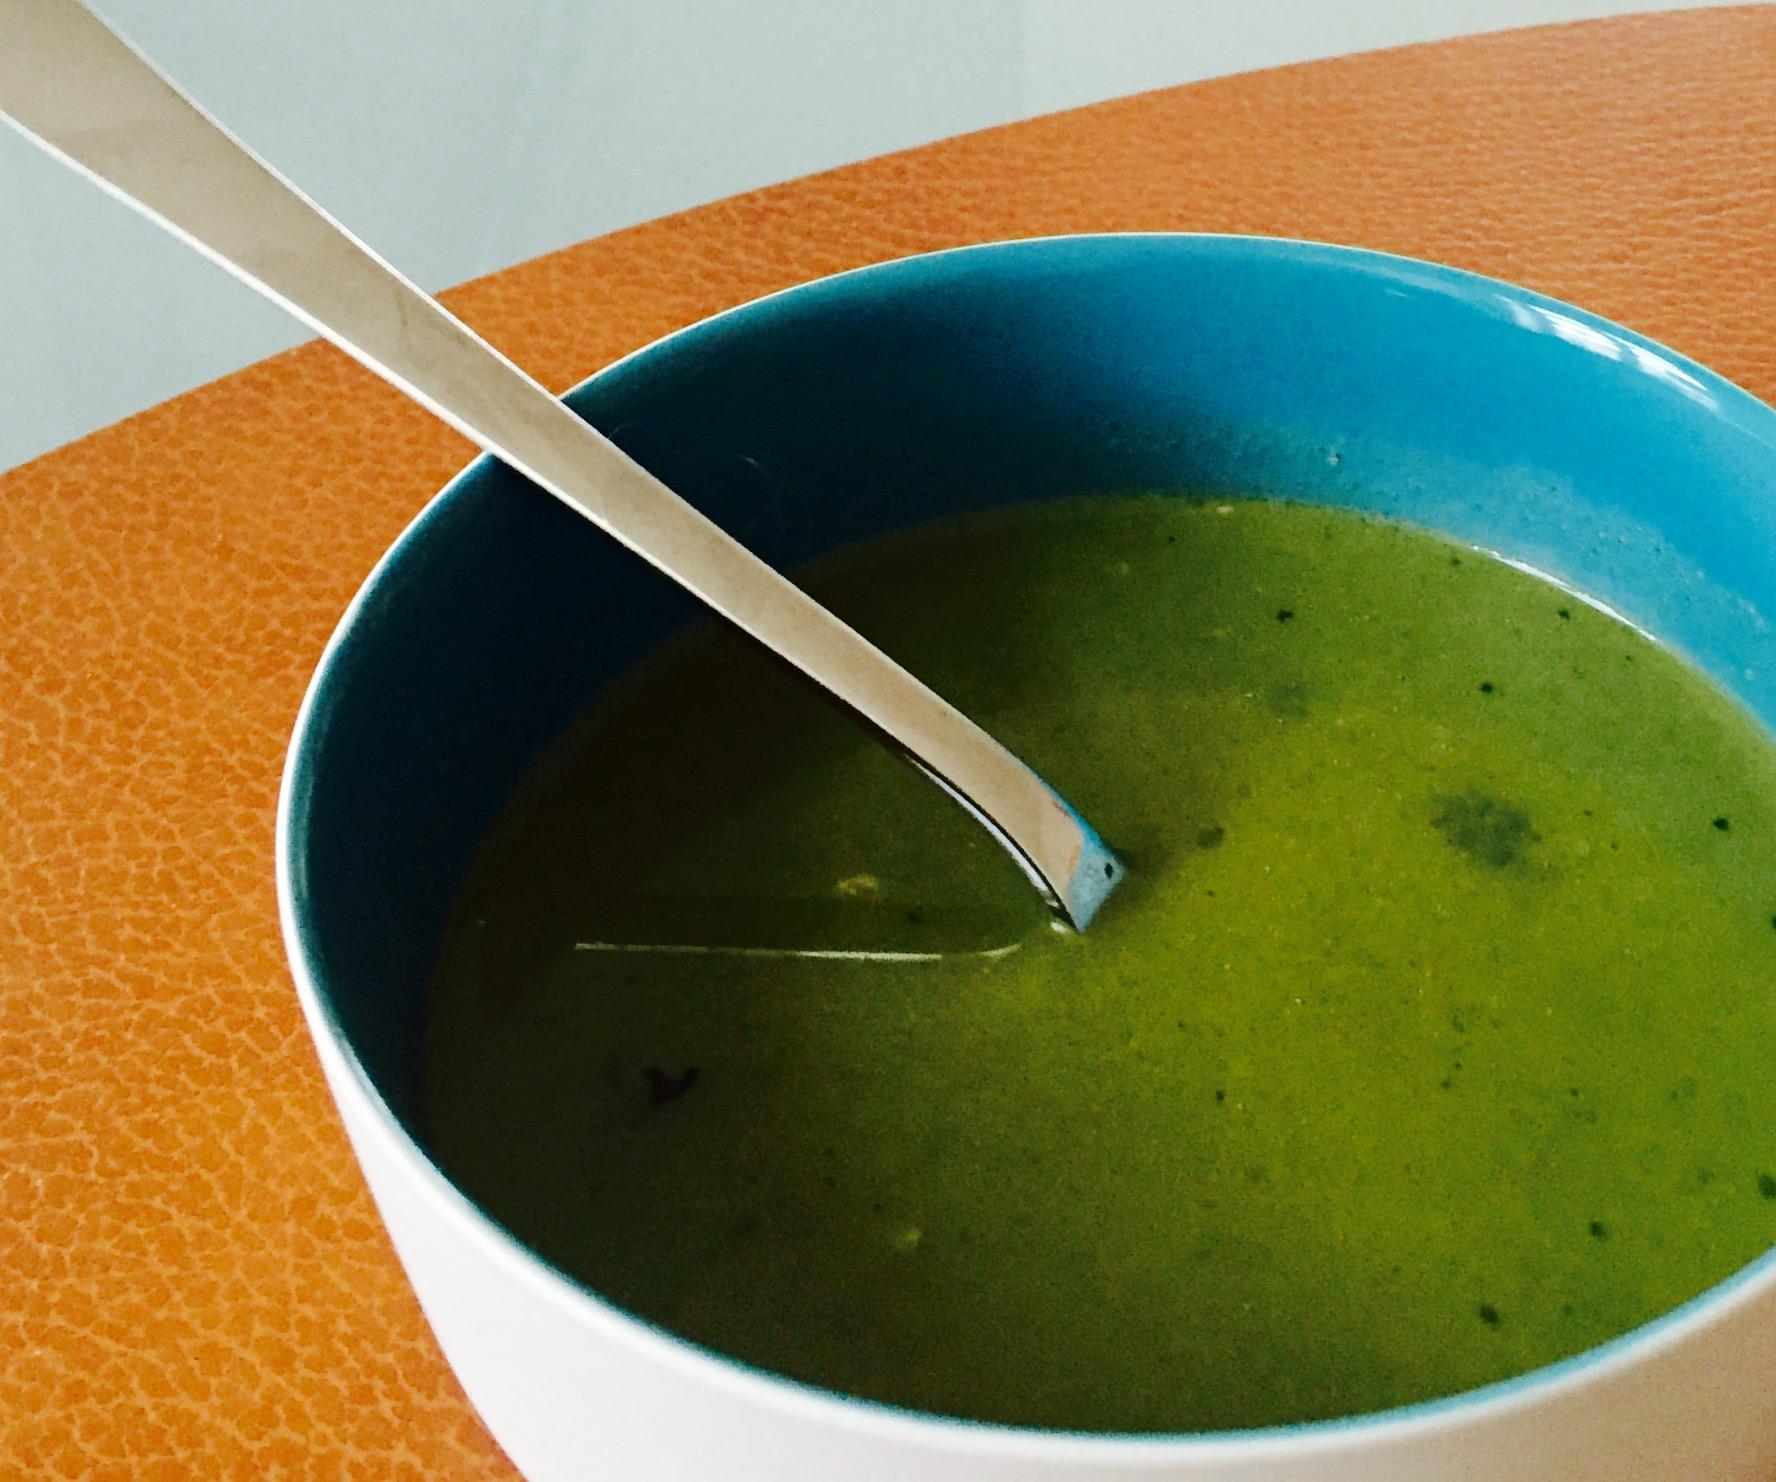 En forkjøla meg lager denne Grønnkålsuppa full av vitaminer som jeg spiste til lunsj før jeg skulle på trening. Ved siden av grønnkål, består suppa av hvitløk, chili, ingefær, buljong og sitron. Og suppa ble faktisk god!